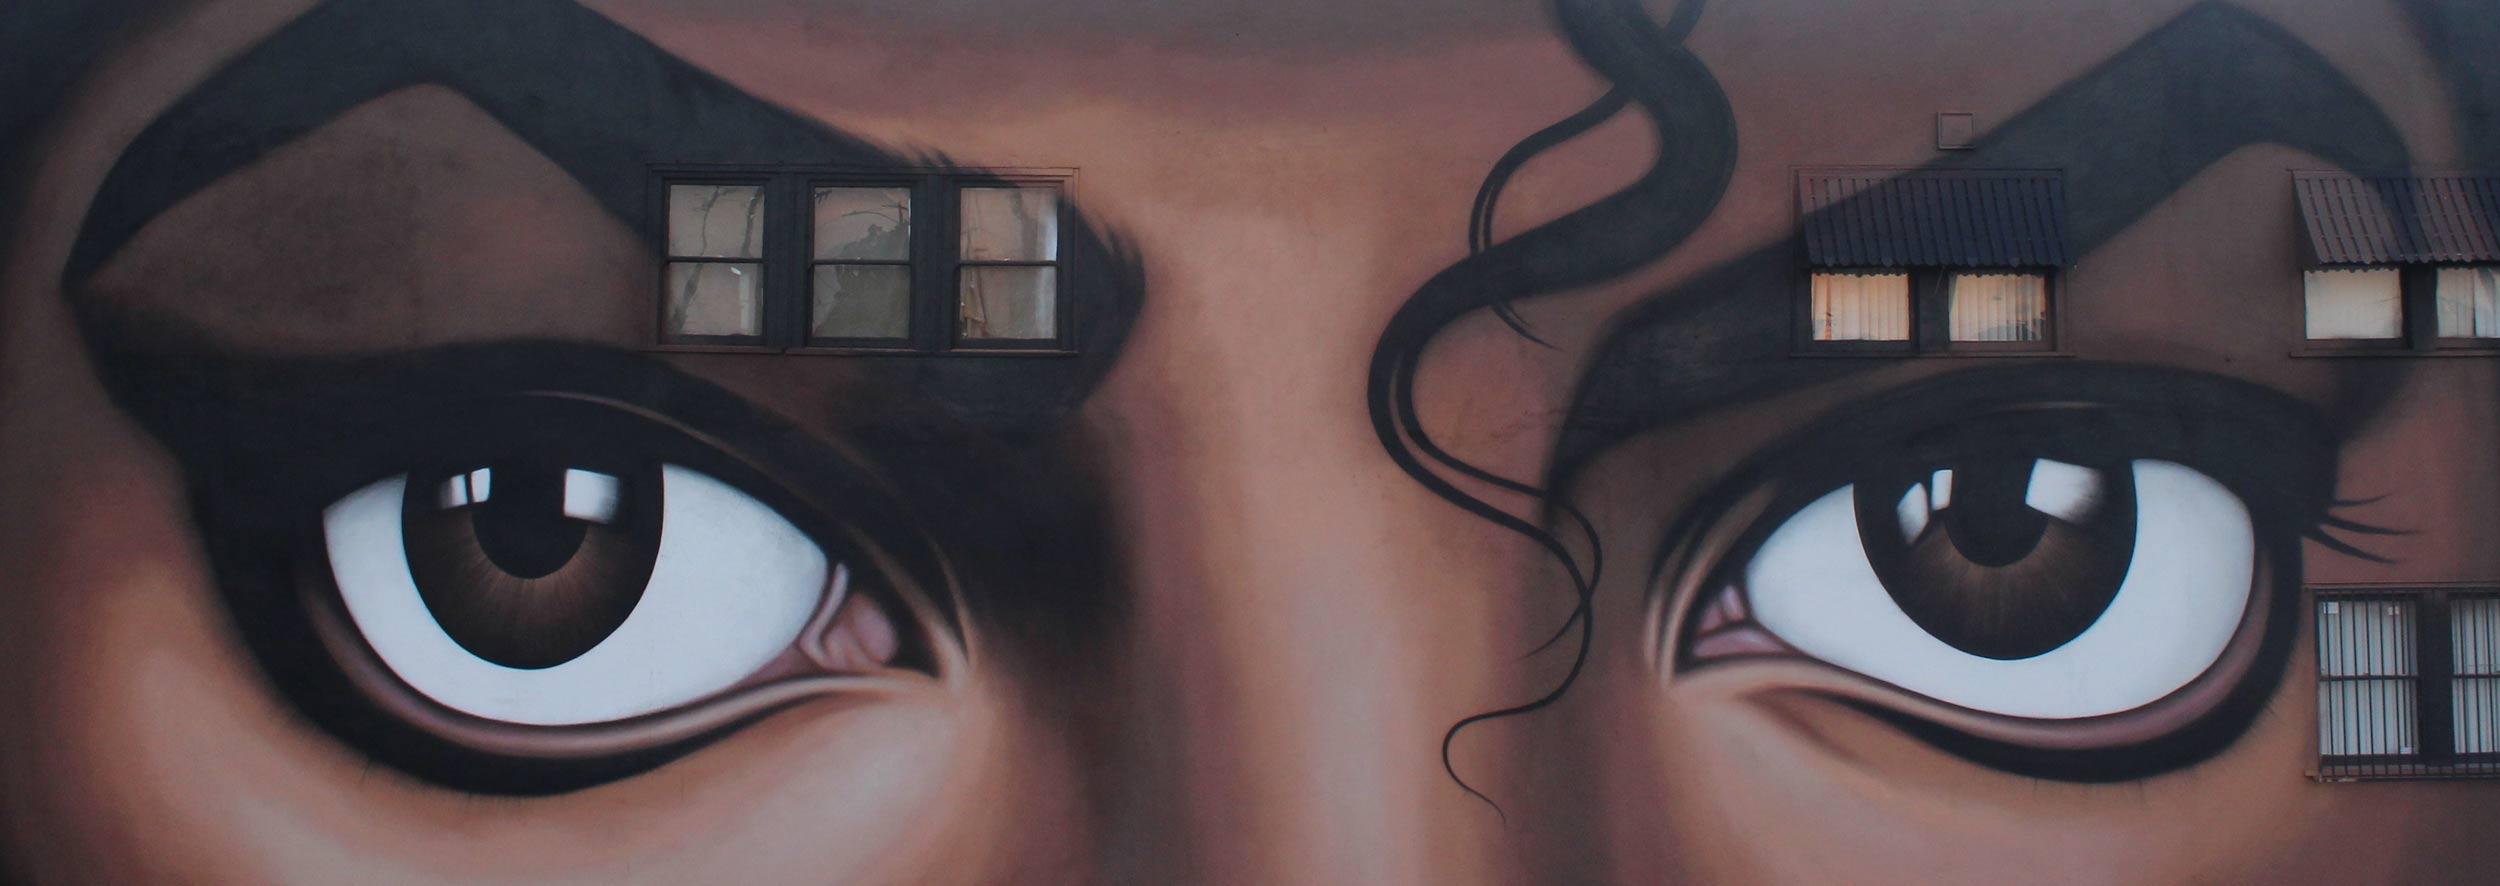 brooklynb-street-art-owen-dippie-los-angeles-july-2015-web-3